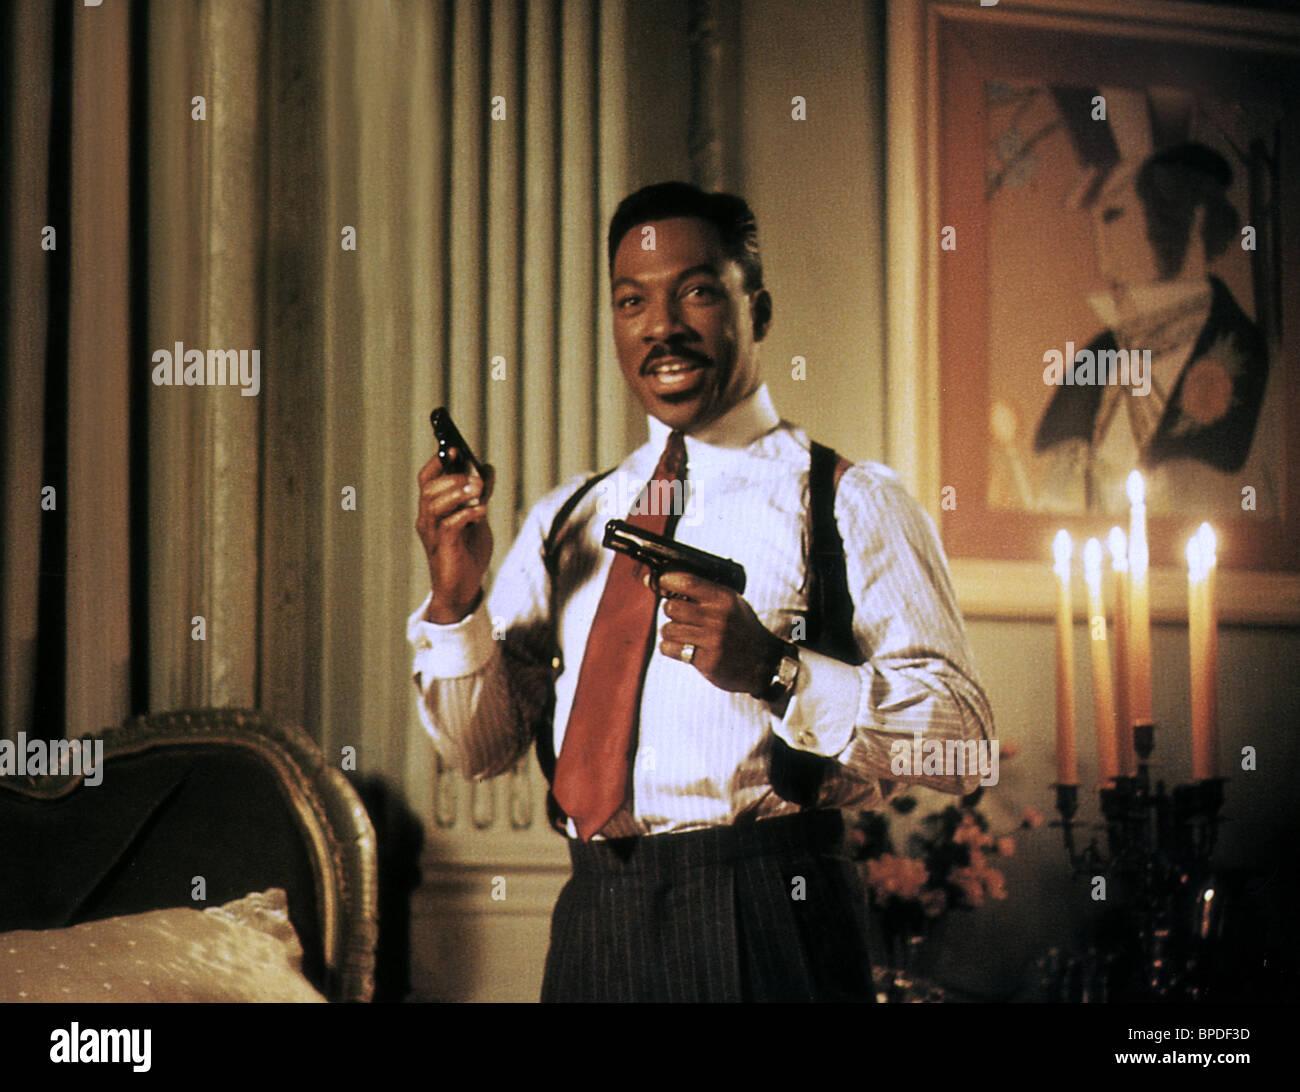 b421fe56493 Harlem Nights Harlem Nights Eddie Stock Photos   Harlem Nights ...